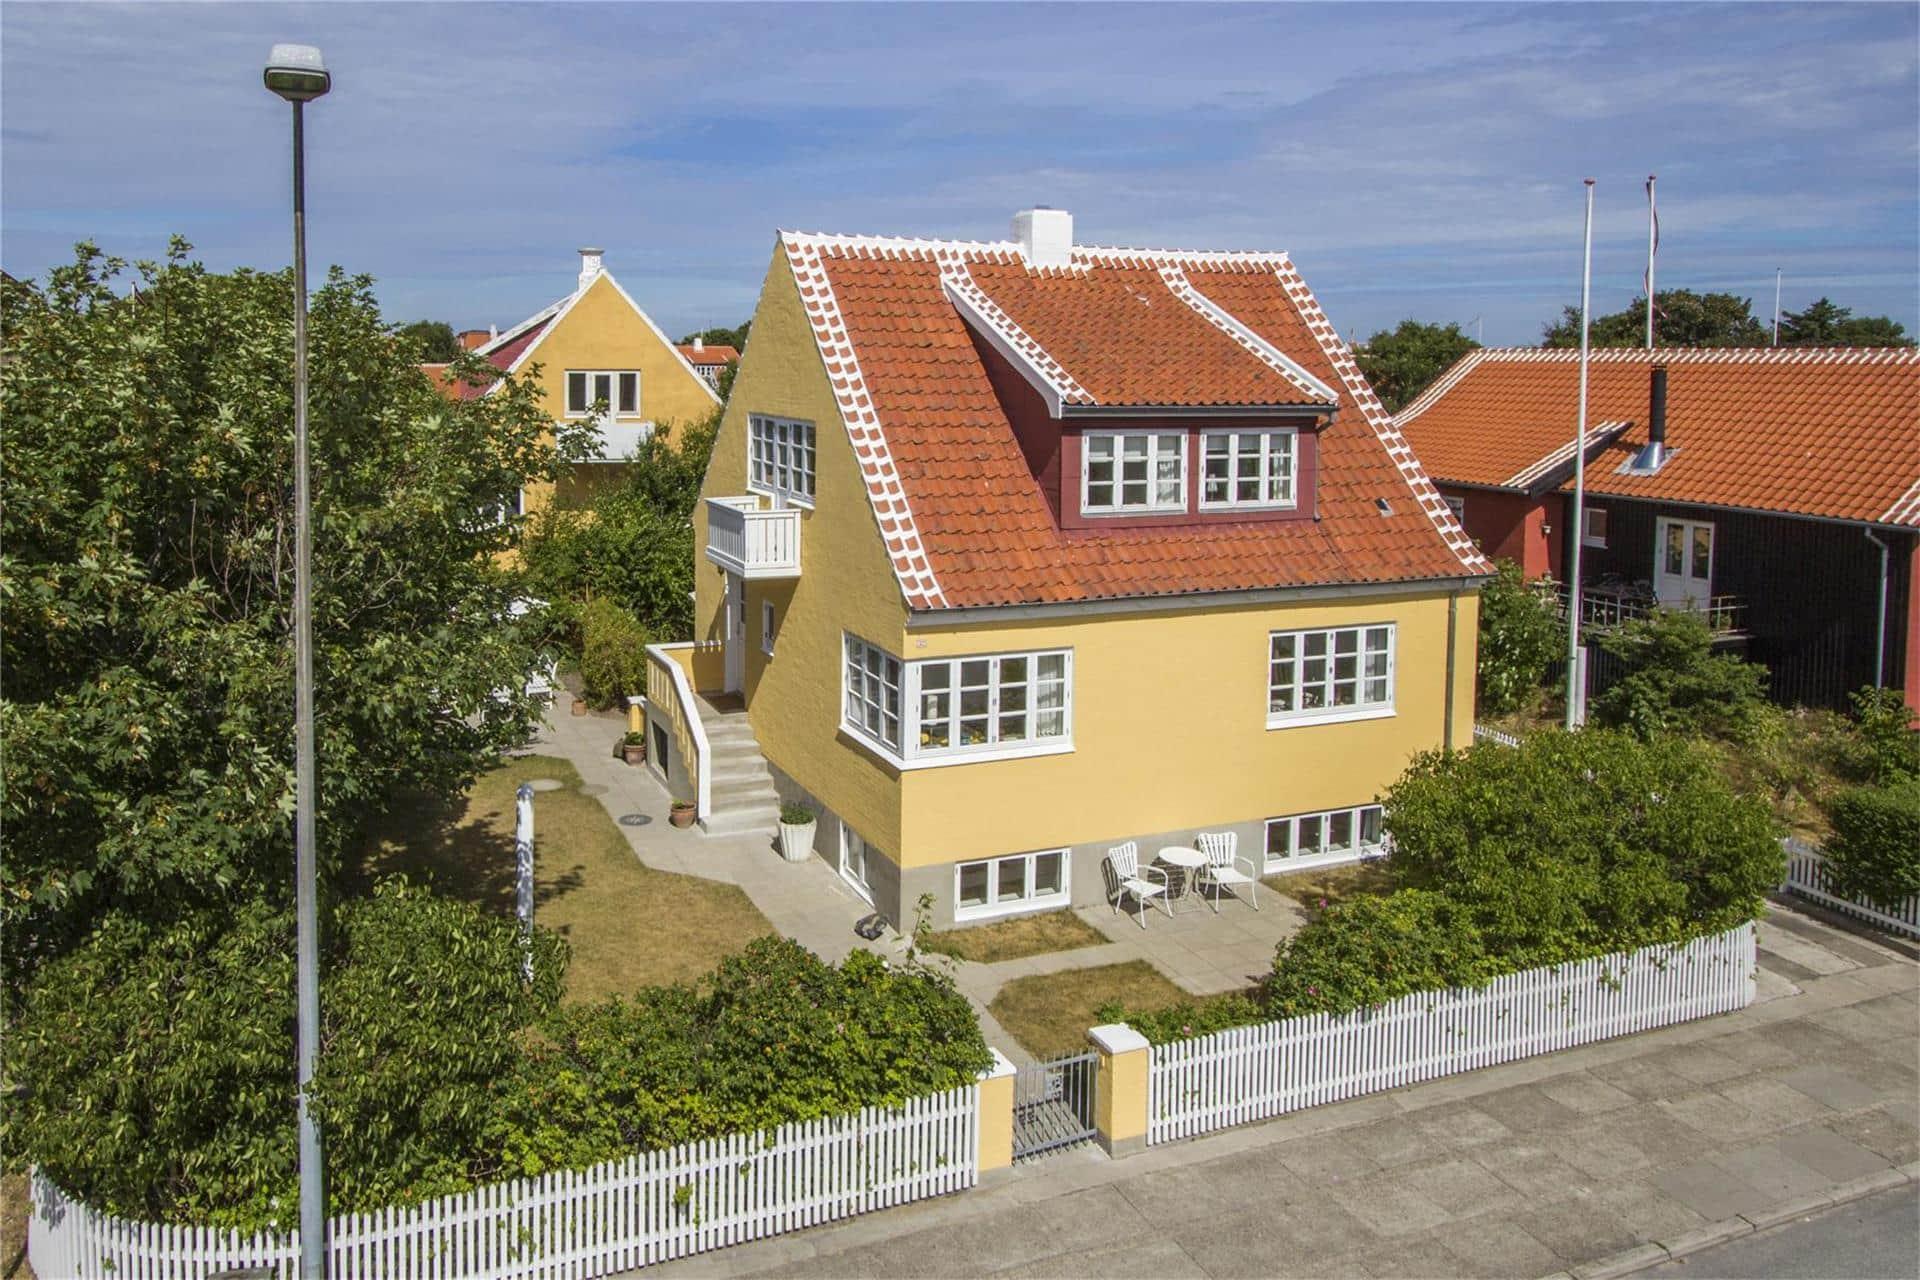 Afbeelding 1-148 Vakantiehuis TV1178, Østre Strandvej 37, DK - 9990 Skagen